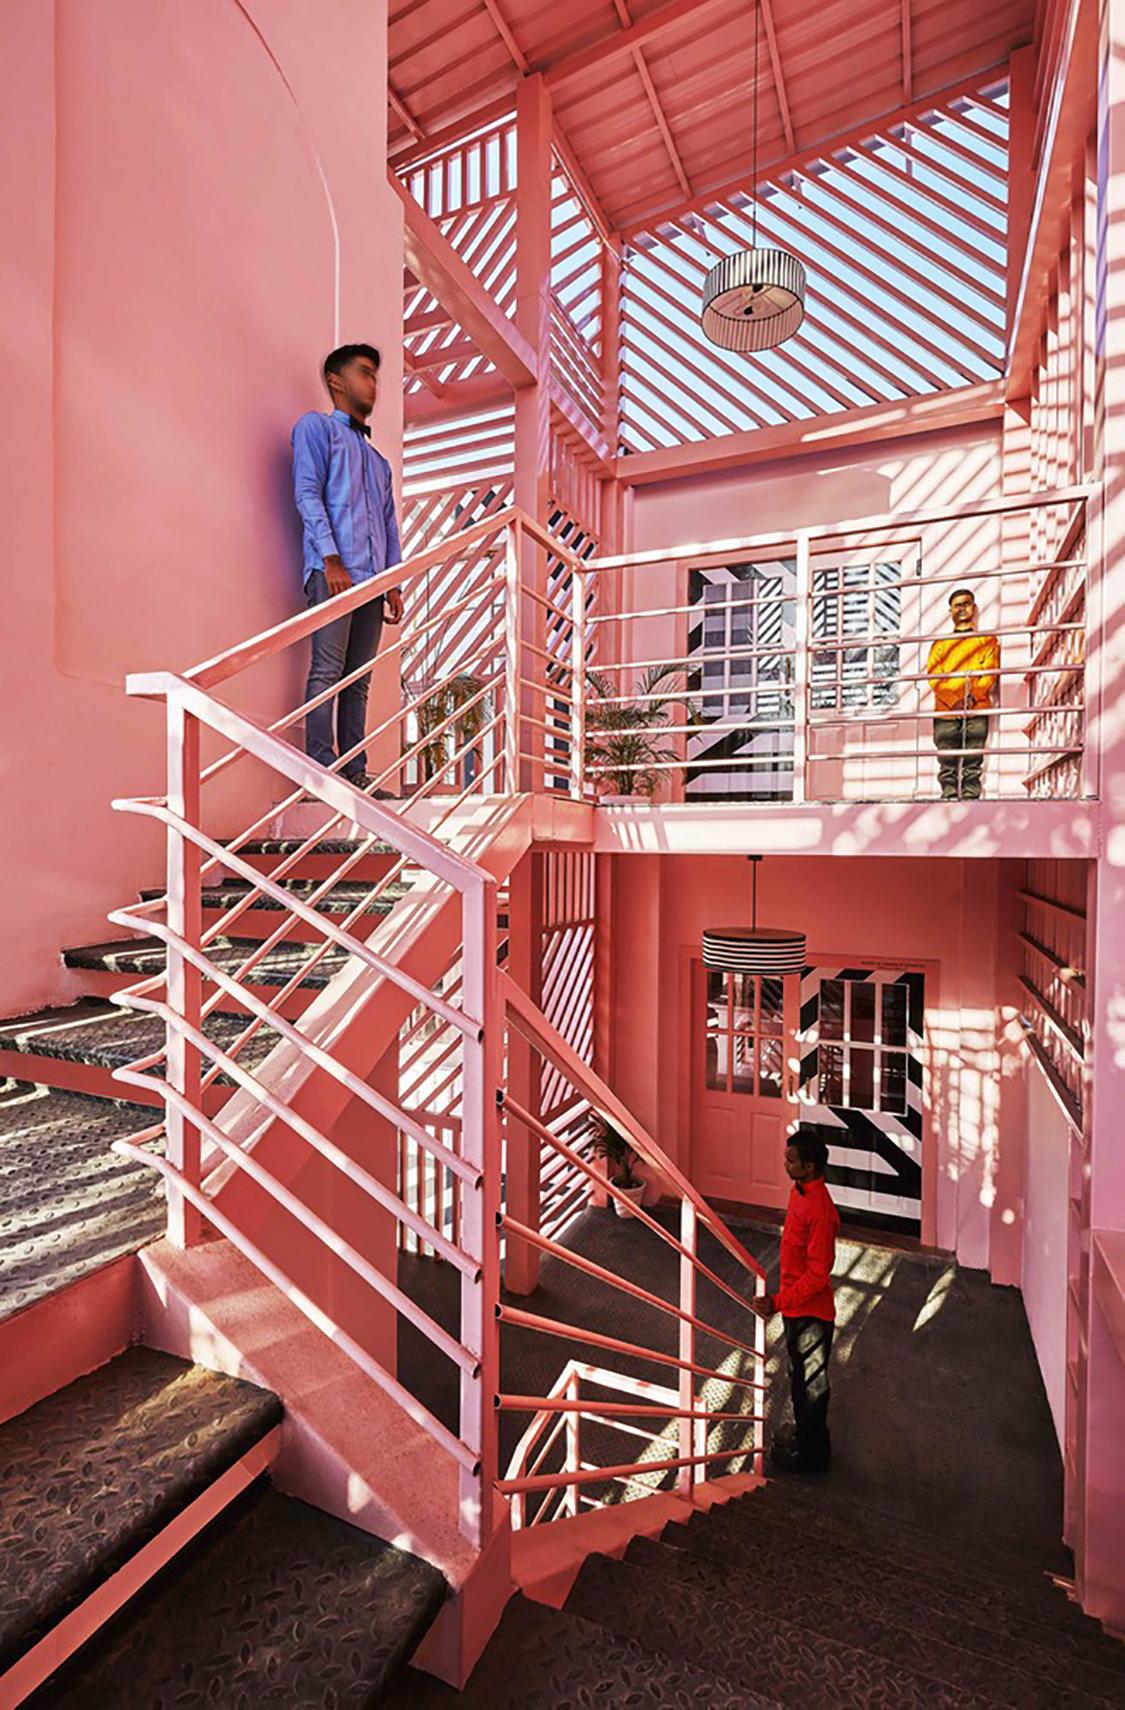 viventium-design-zac-kraemer-pink-zebra-retail-design-8.jpg